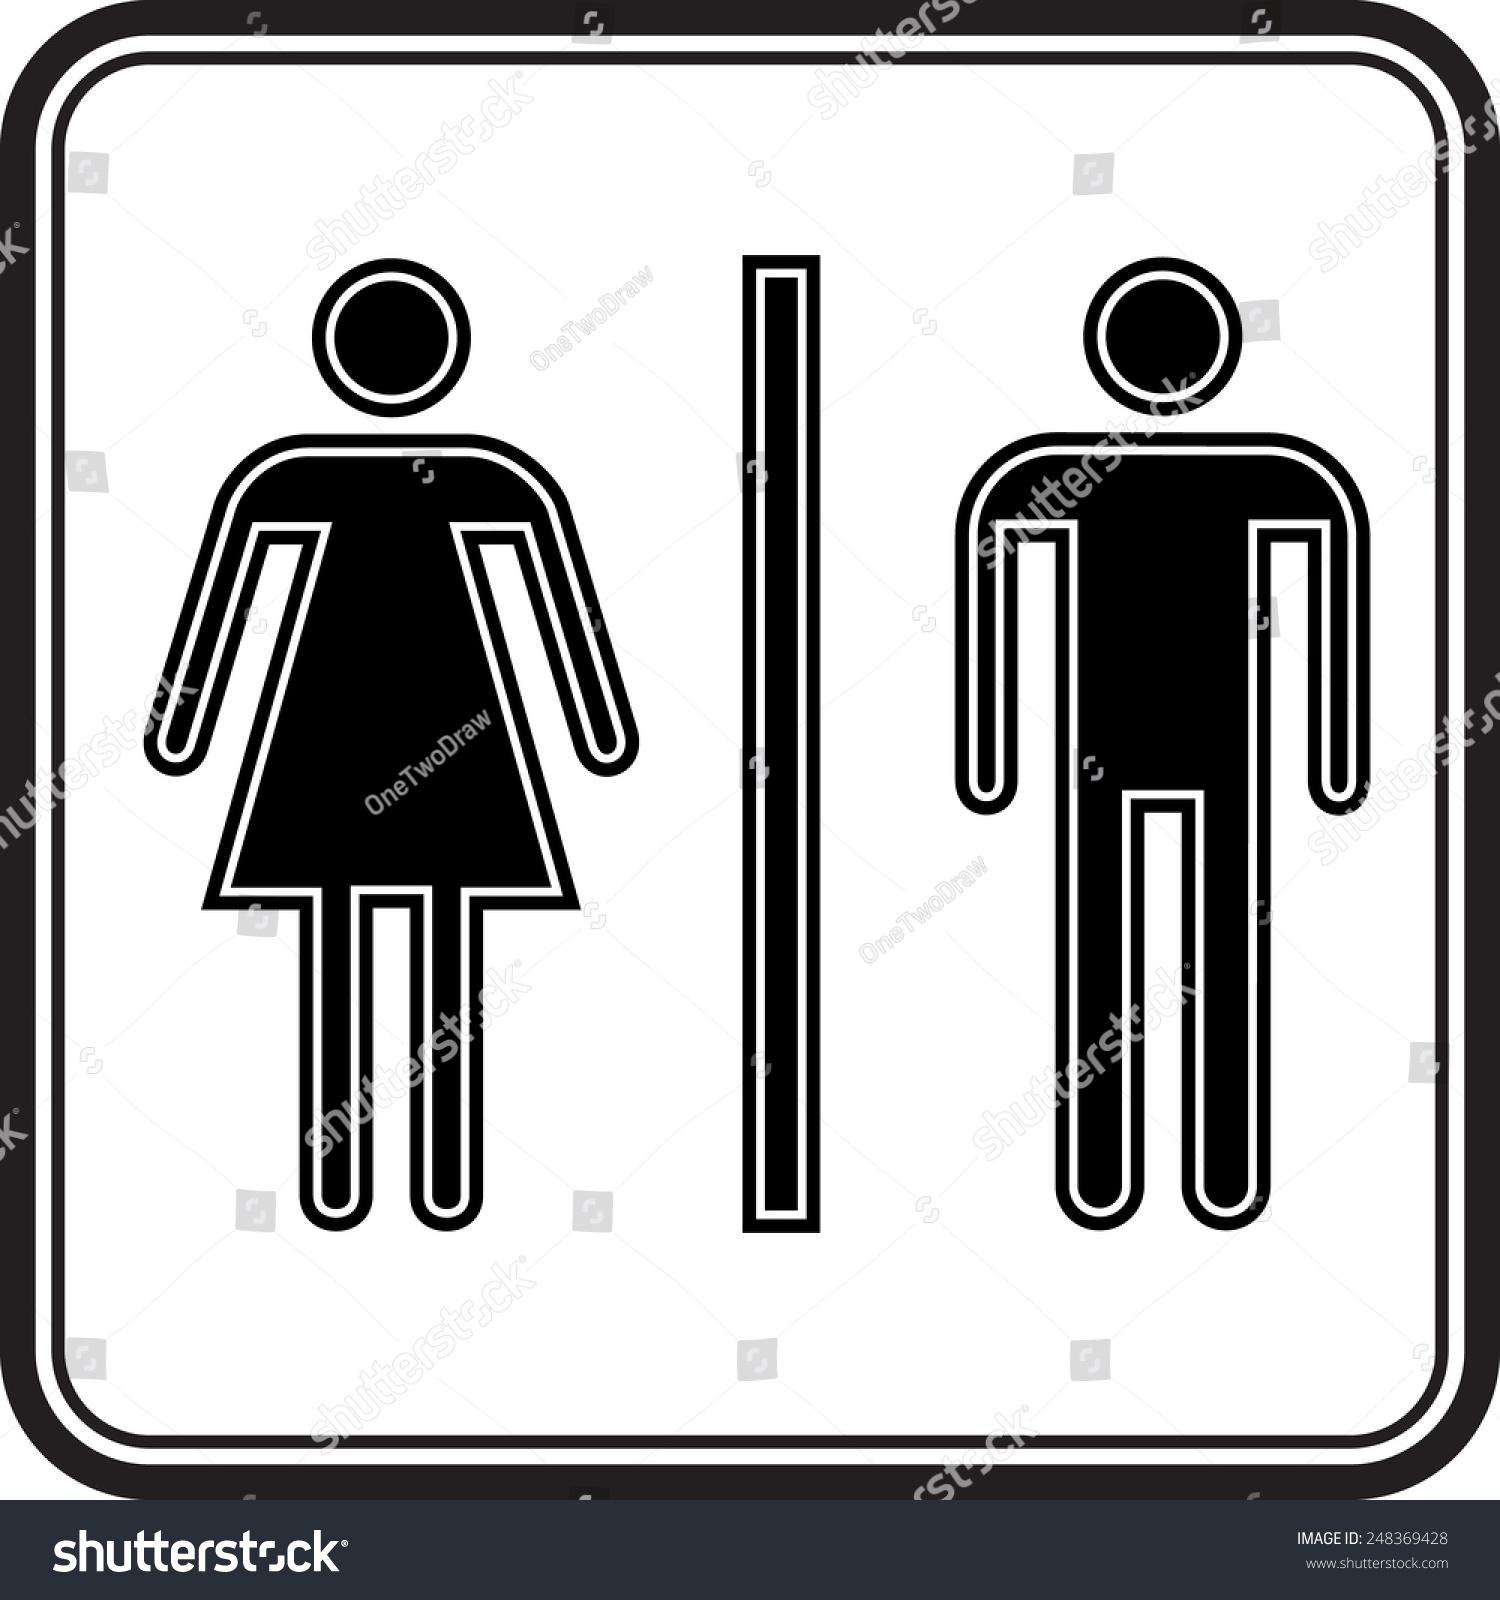 男女厕所在坐标系象征向量-背景/素材